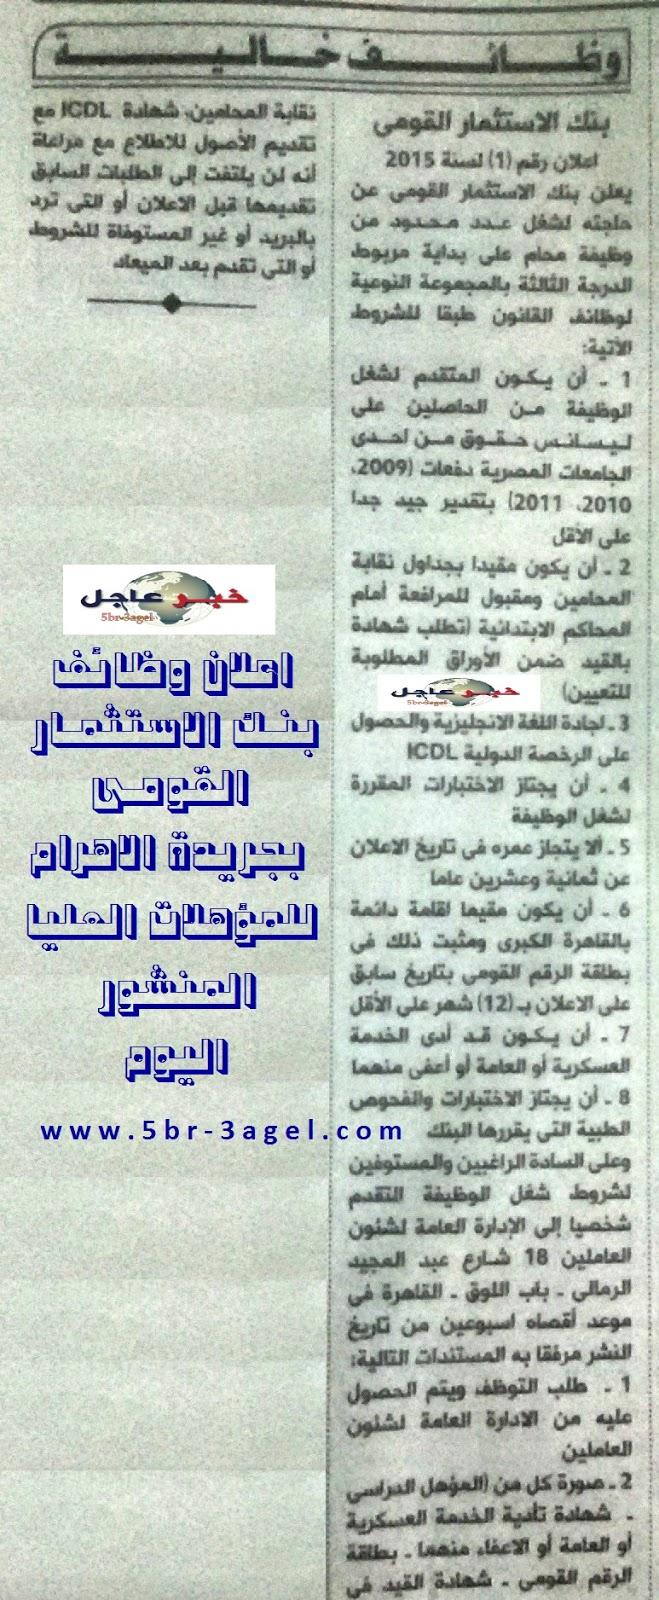 اعلان رسمى - وظائف بنك الاستثمار القومى منشور بجريدة الاهرام 31 / 7 / 2015